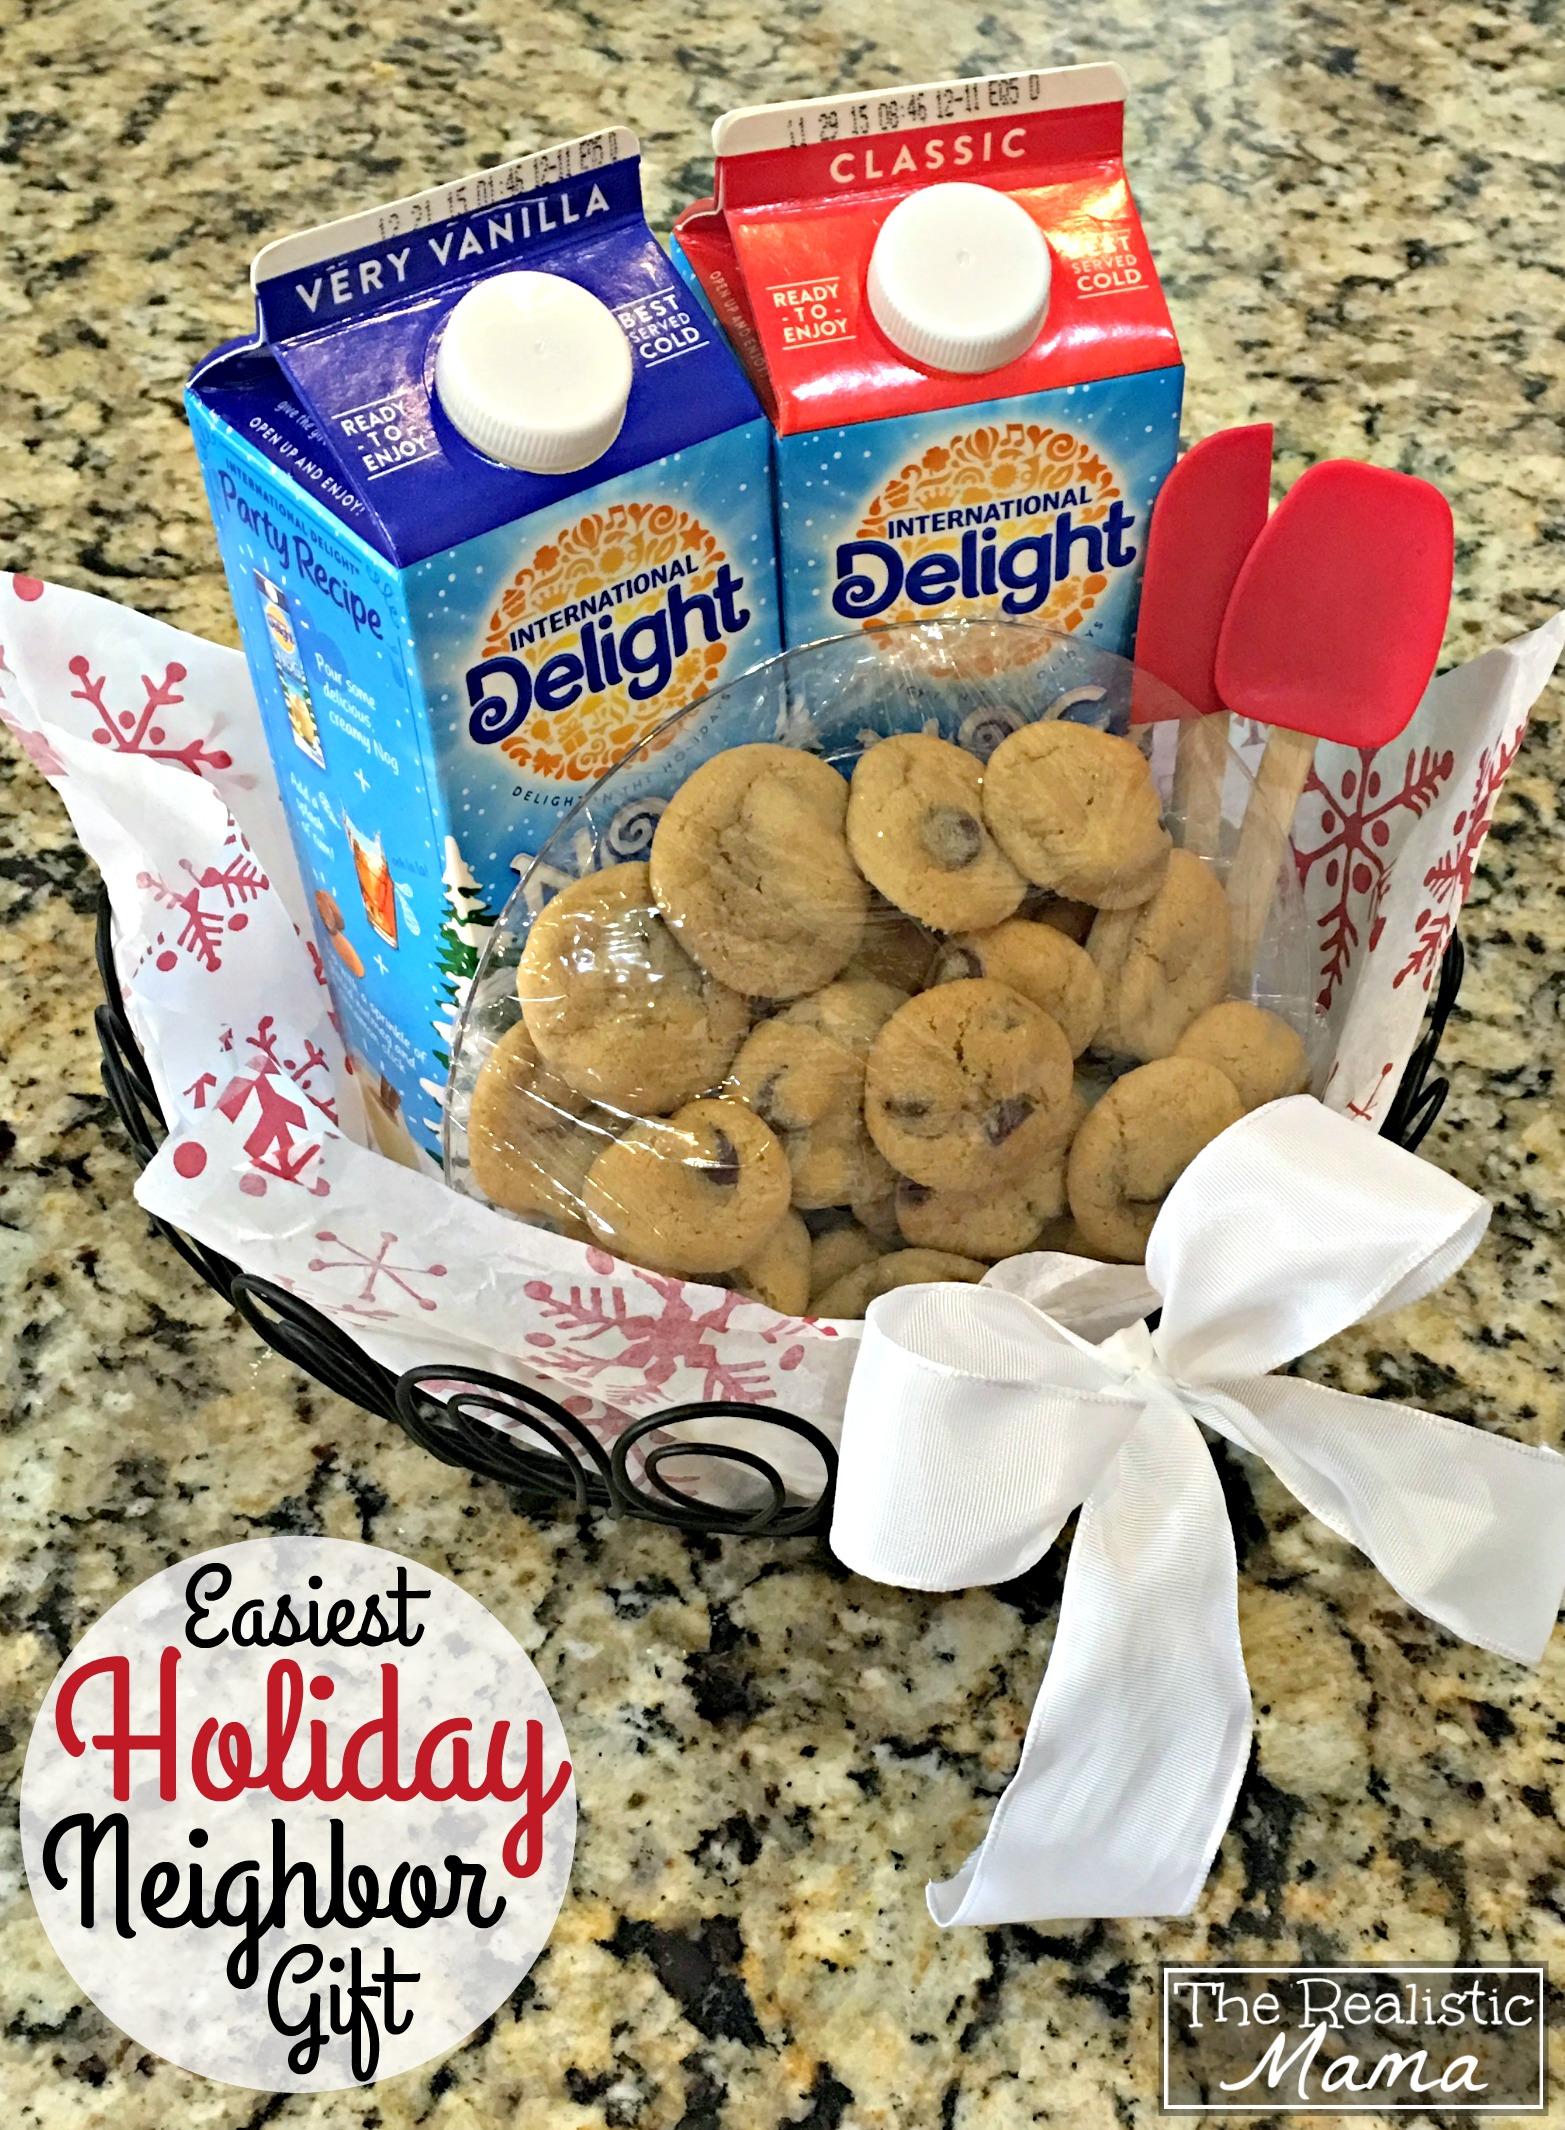 Easiest Holiday Neighbor Gift